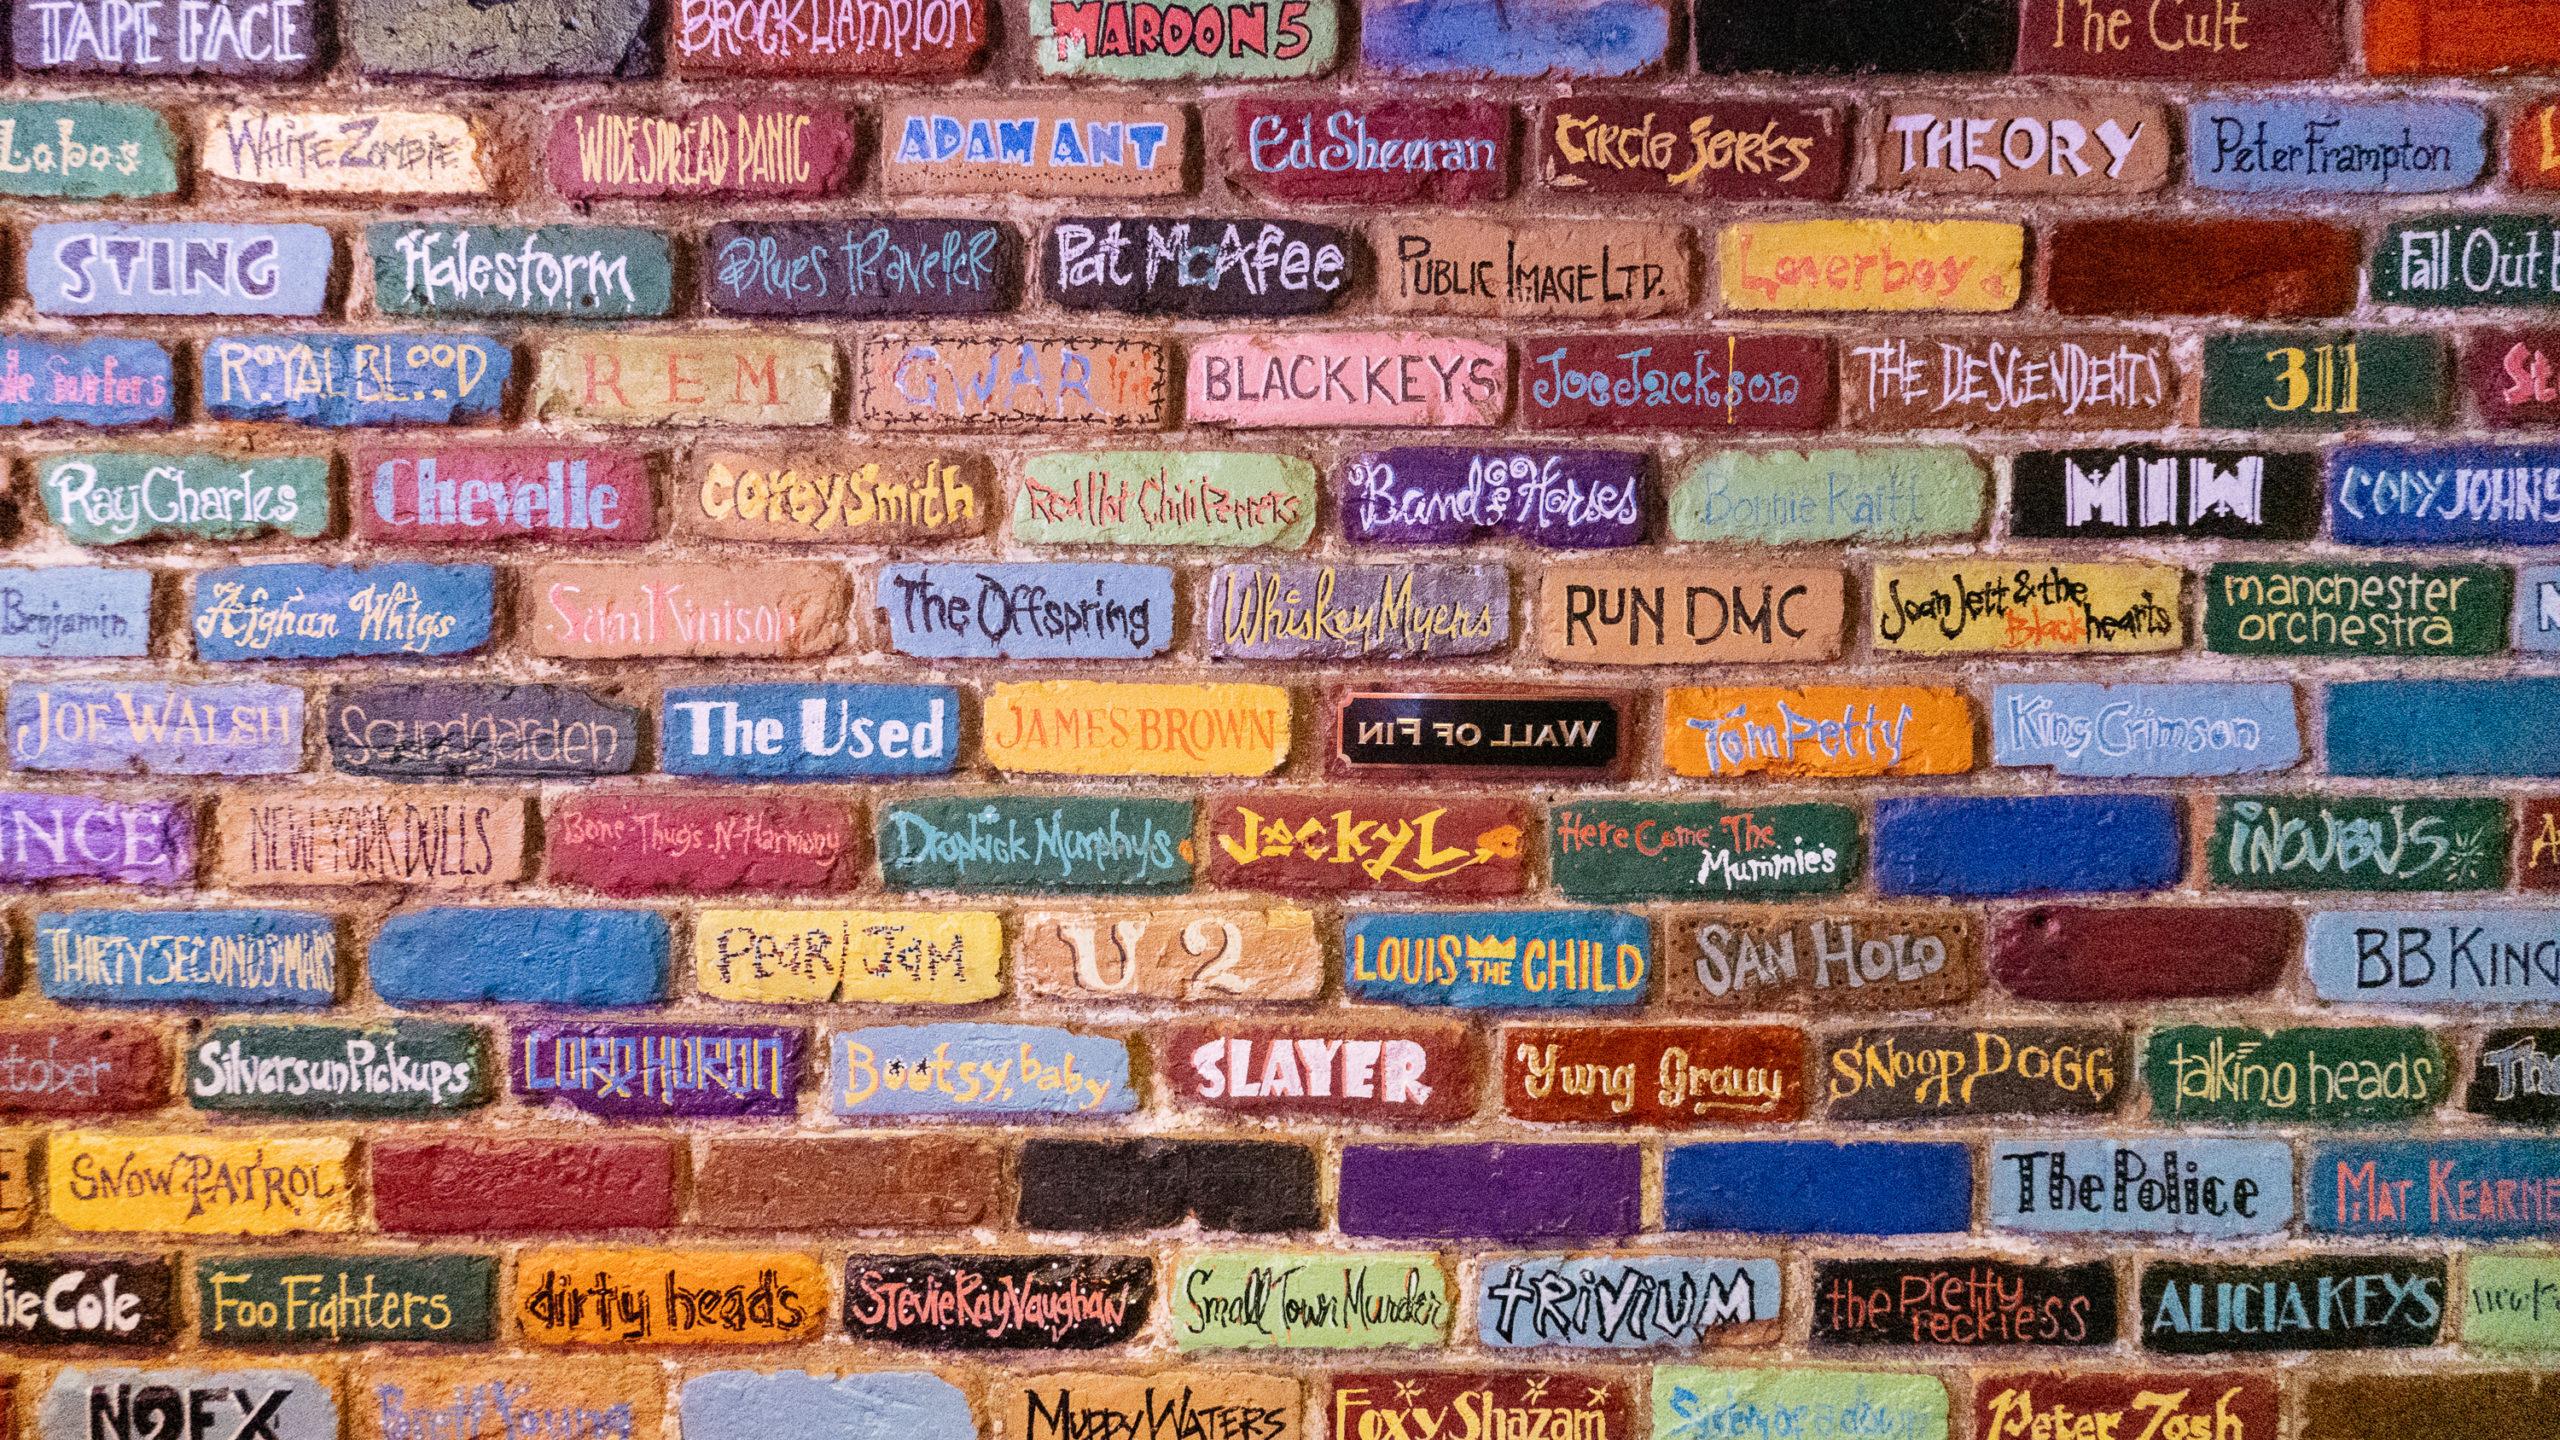 The brick wall at Bogarts